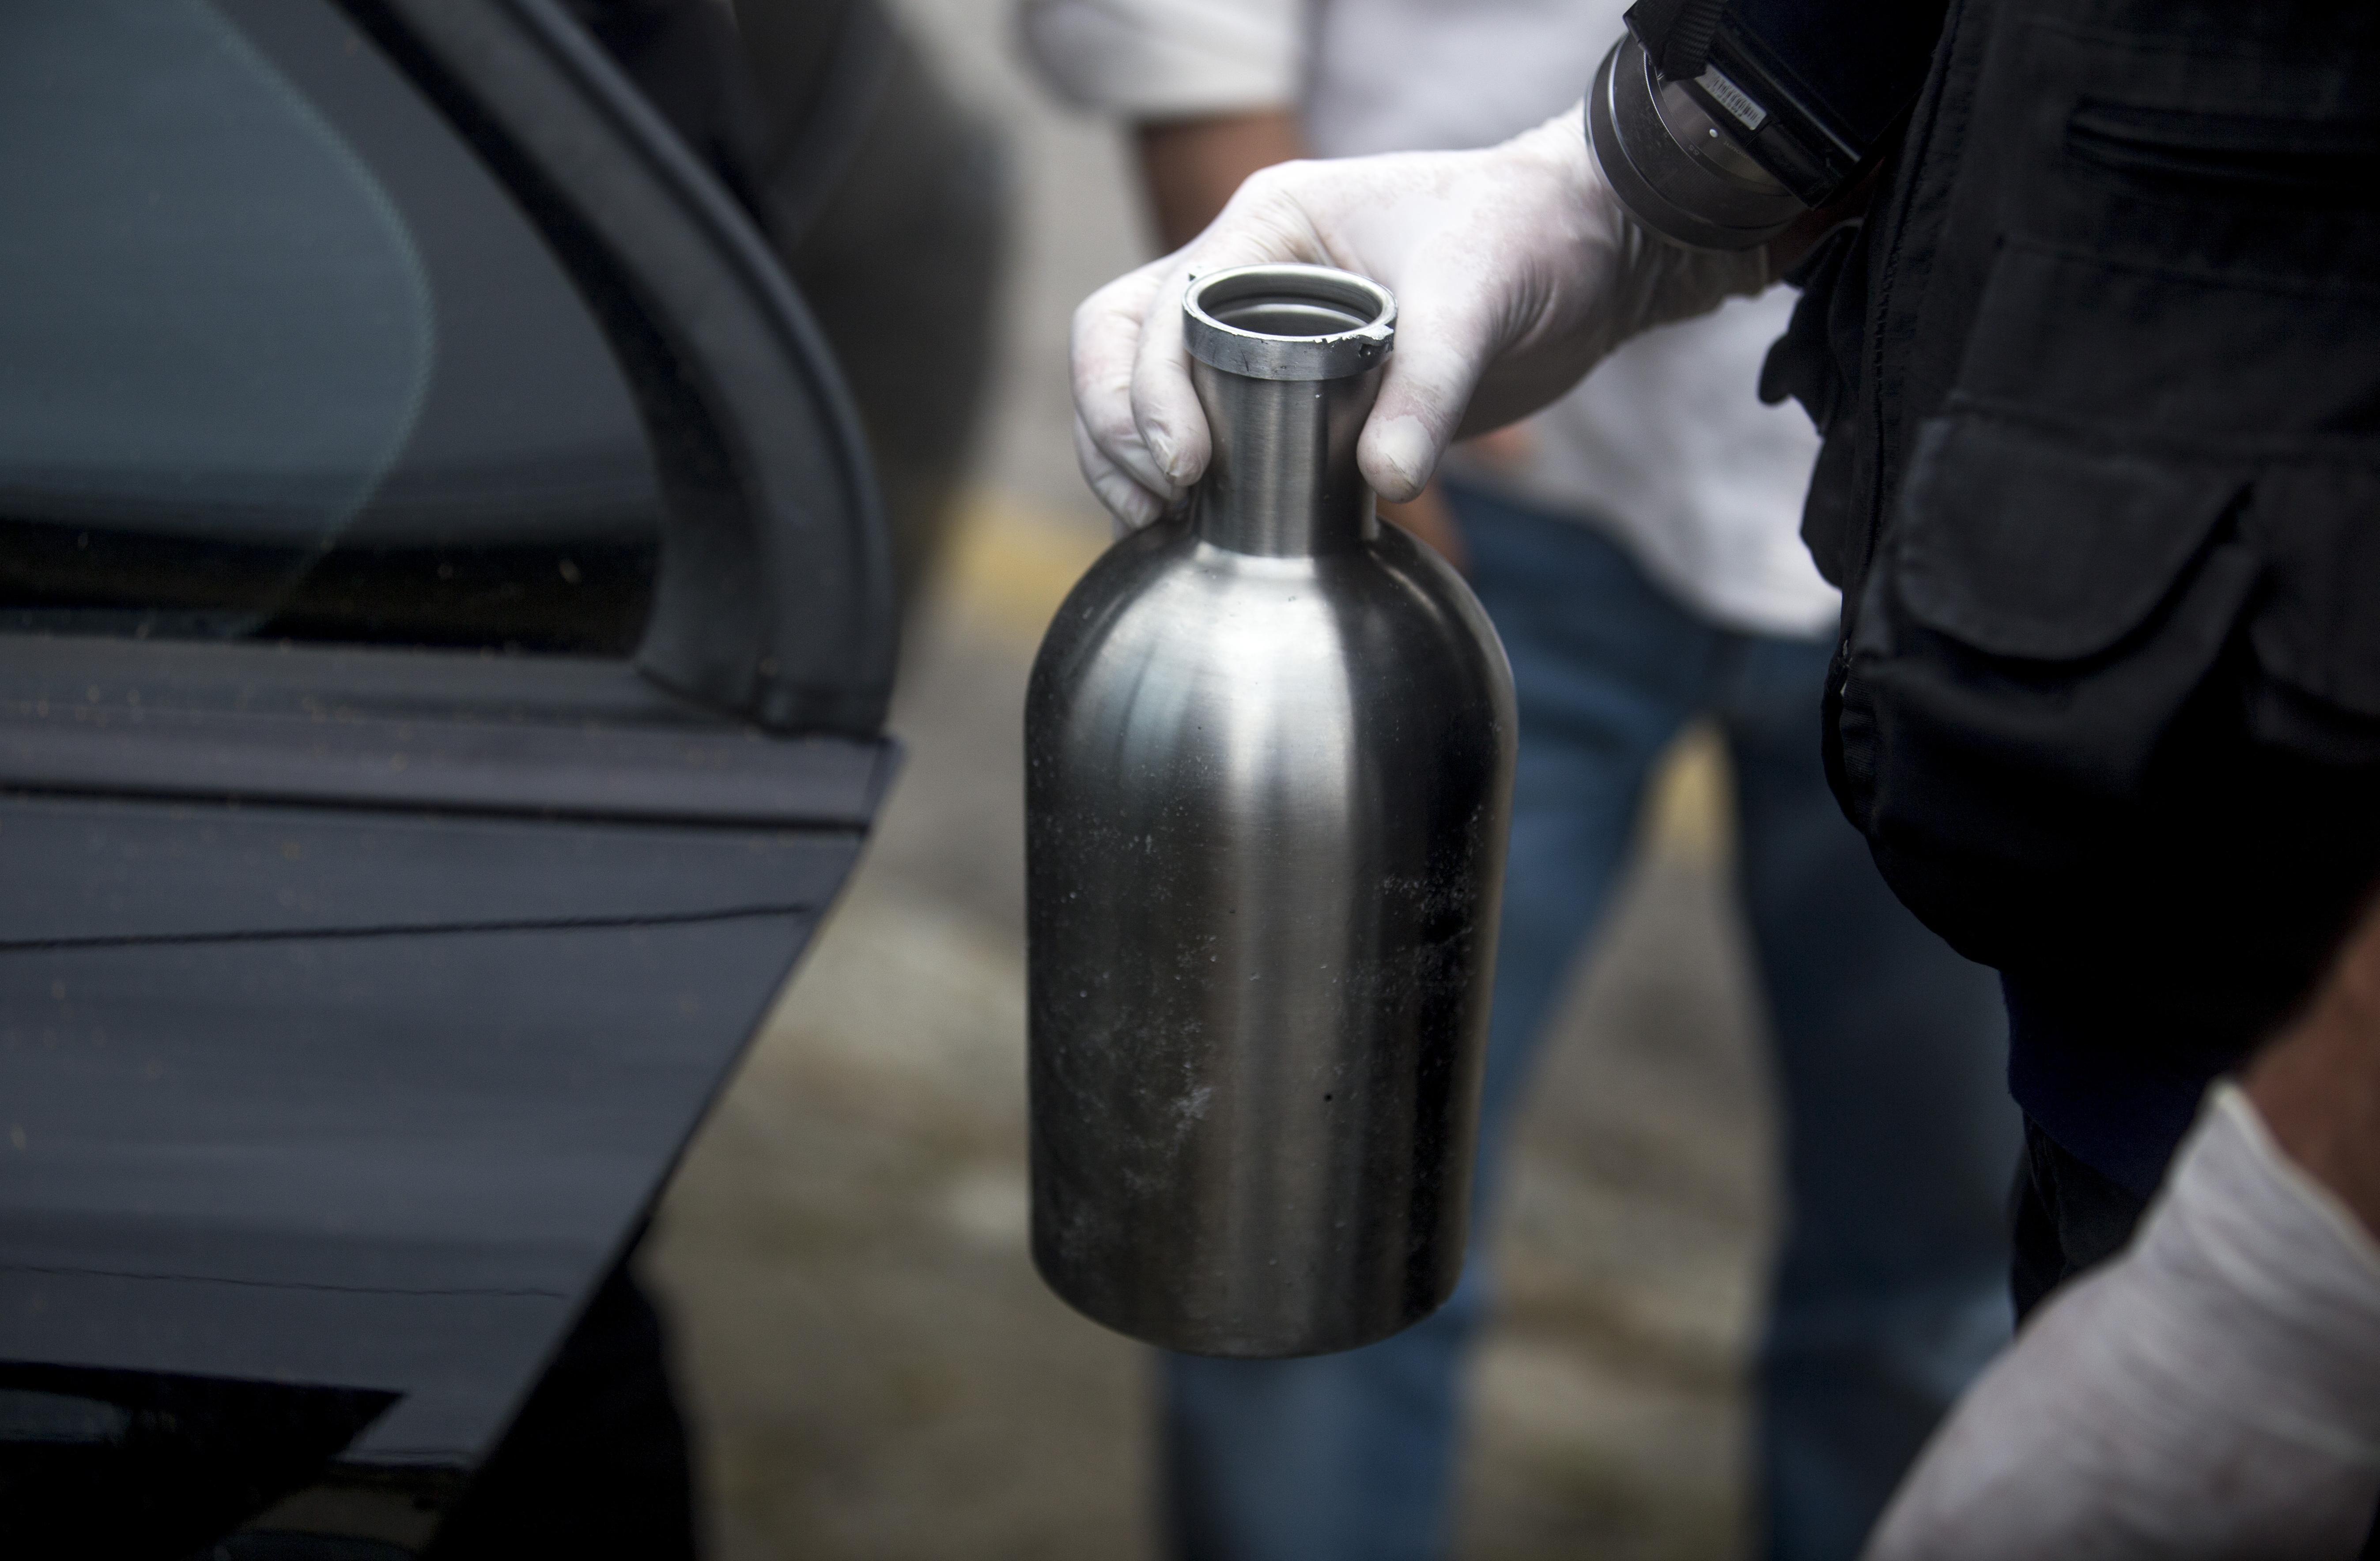 Perícia realizada na sexta à tarde pelo IGP localizou garrafa com resto de cerveja dentro do carro - Flávio Tin/ ND